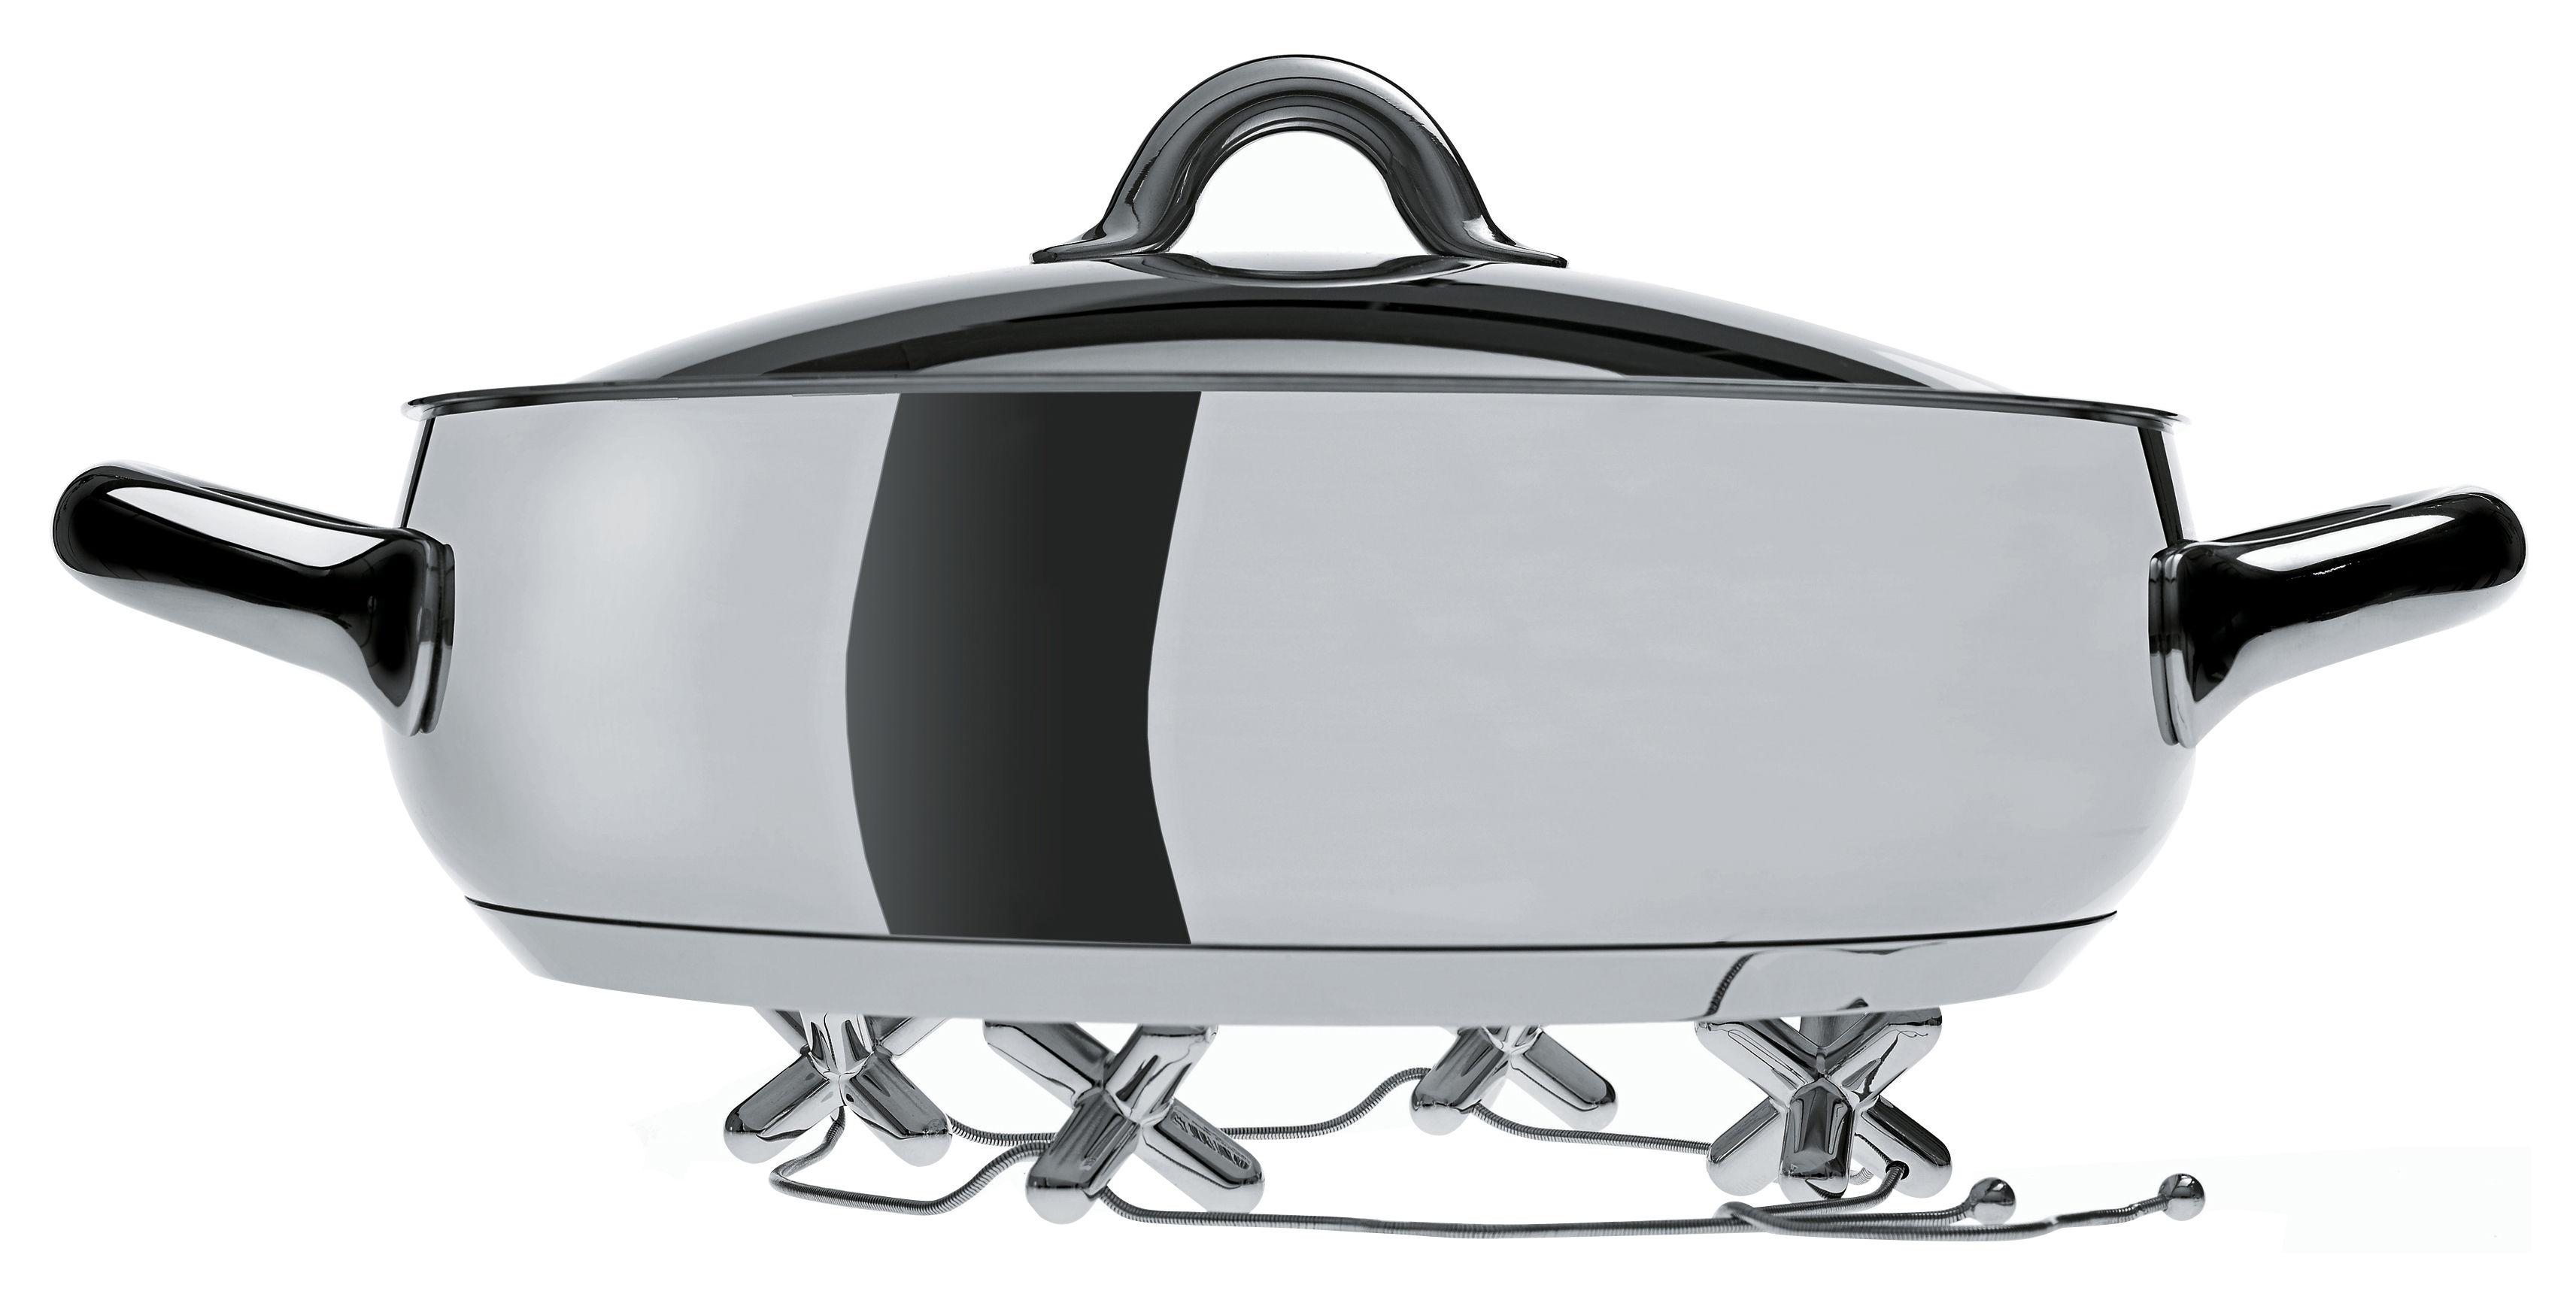 Dessous de plat Tripod Alessi - Chromé | Made In Design